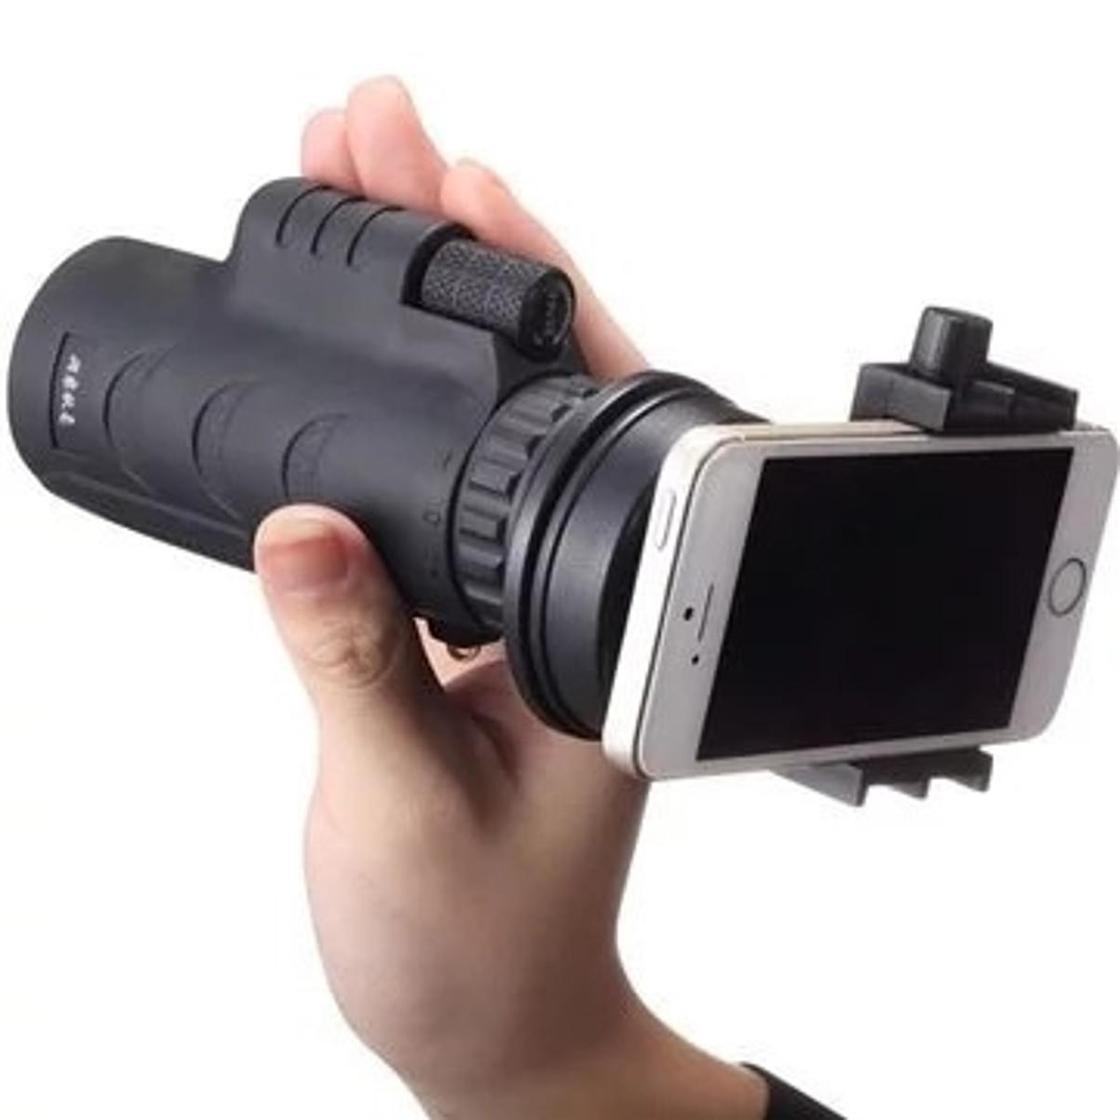 как правильно делать фотографии на телефоне задев